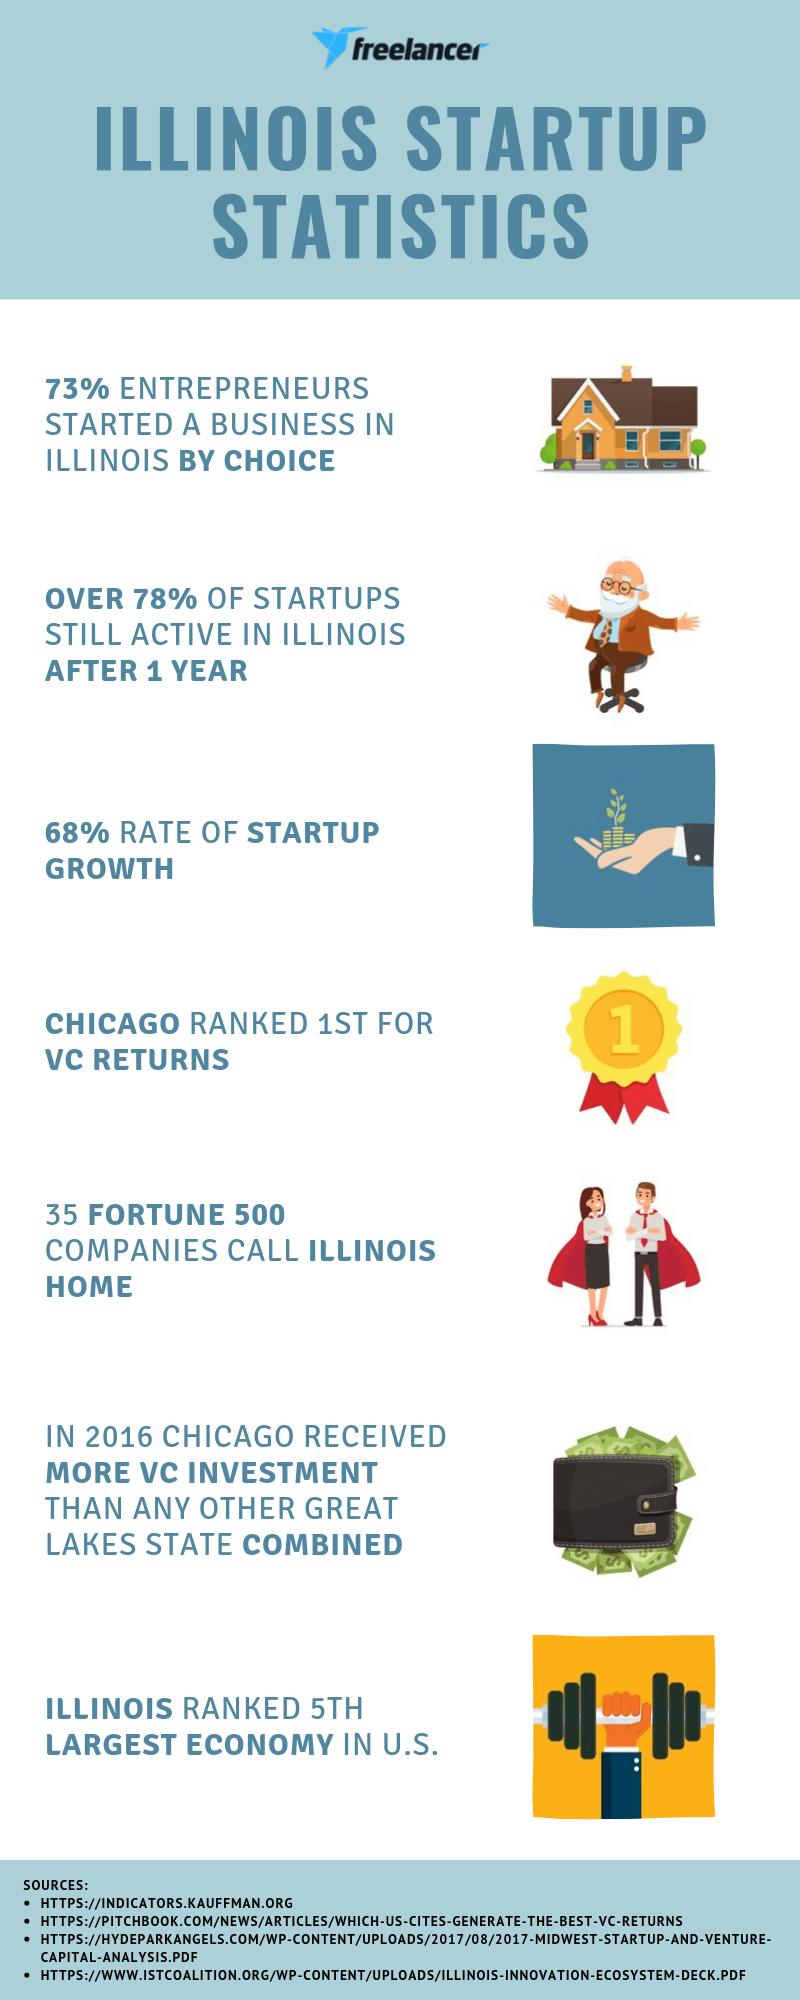 Illinois startup stats